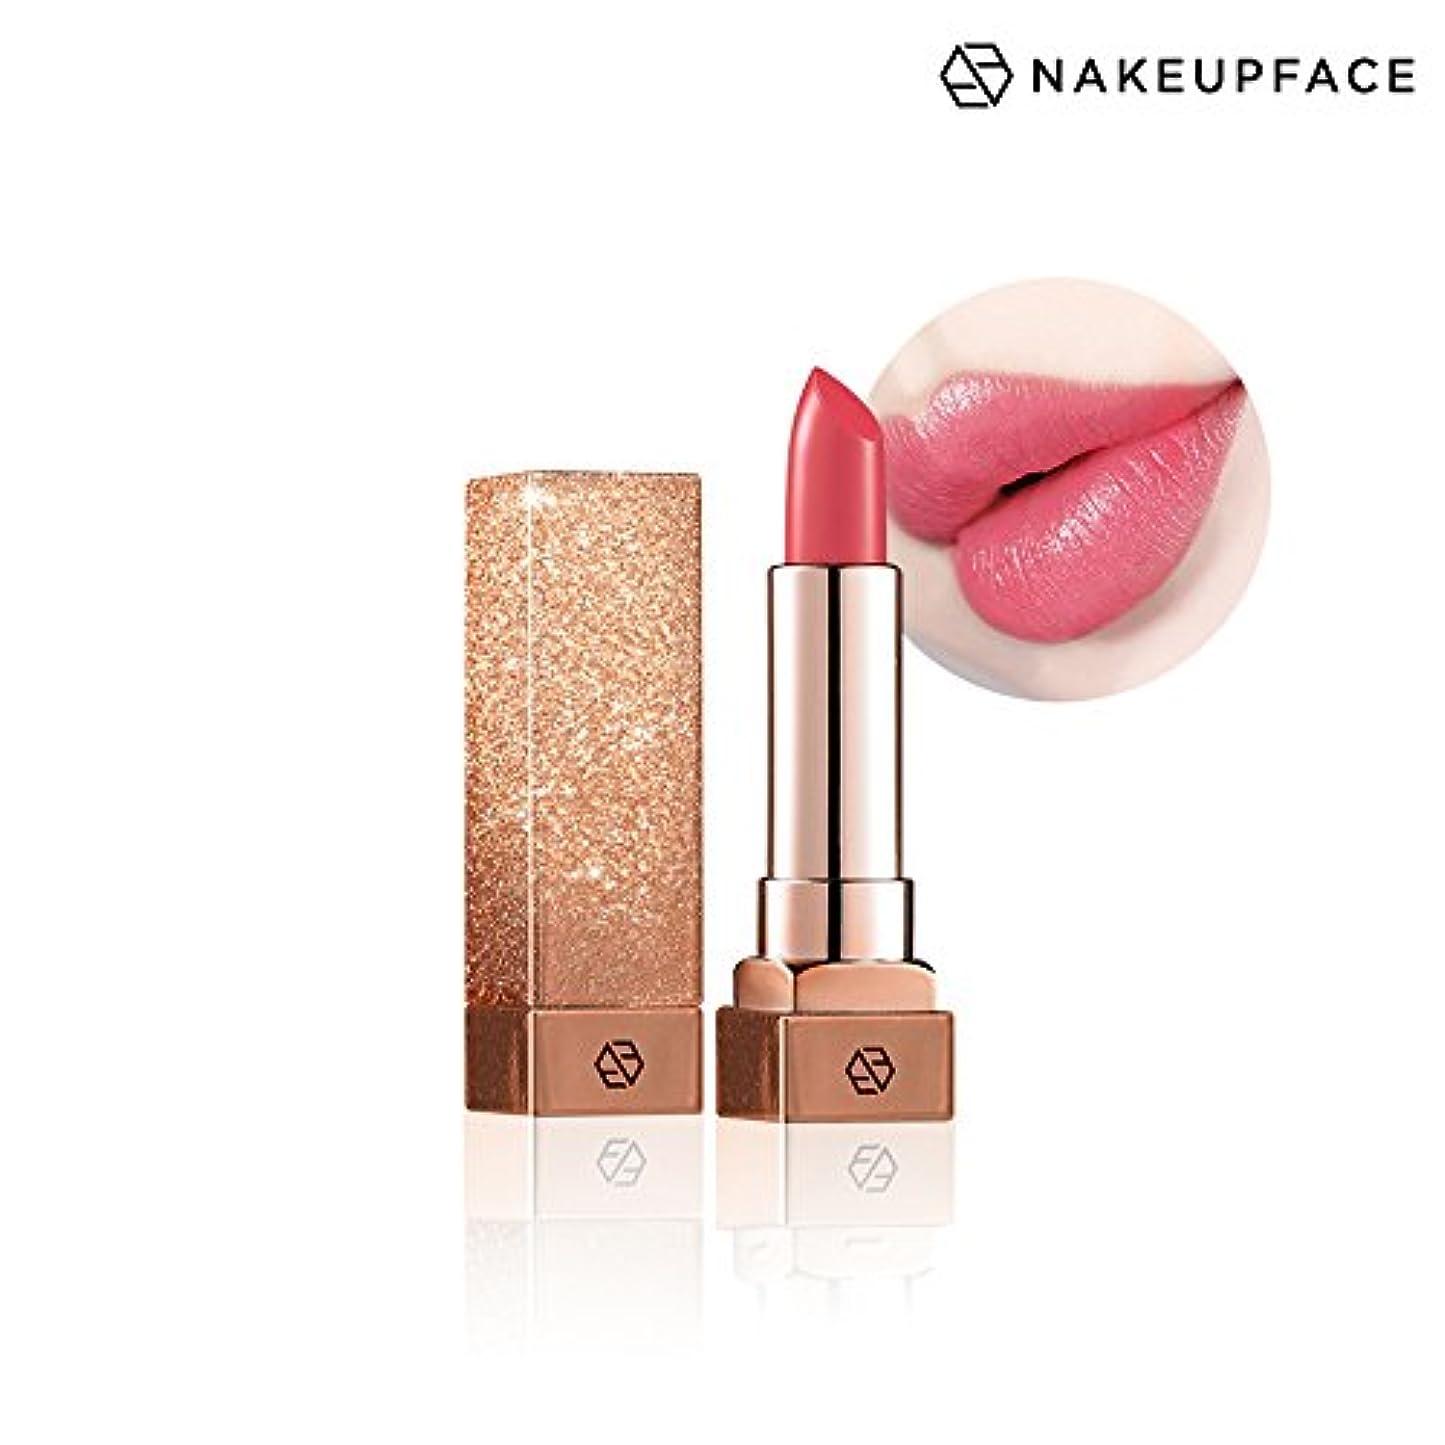 スリチンモイ目指すベアリングネイクアップ フェイス [NAKE UP FACE] C-カップ リップトックス スティック(リップスティック) 5 Colors (No.02 Marilyn)